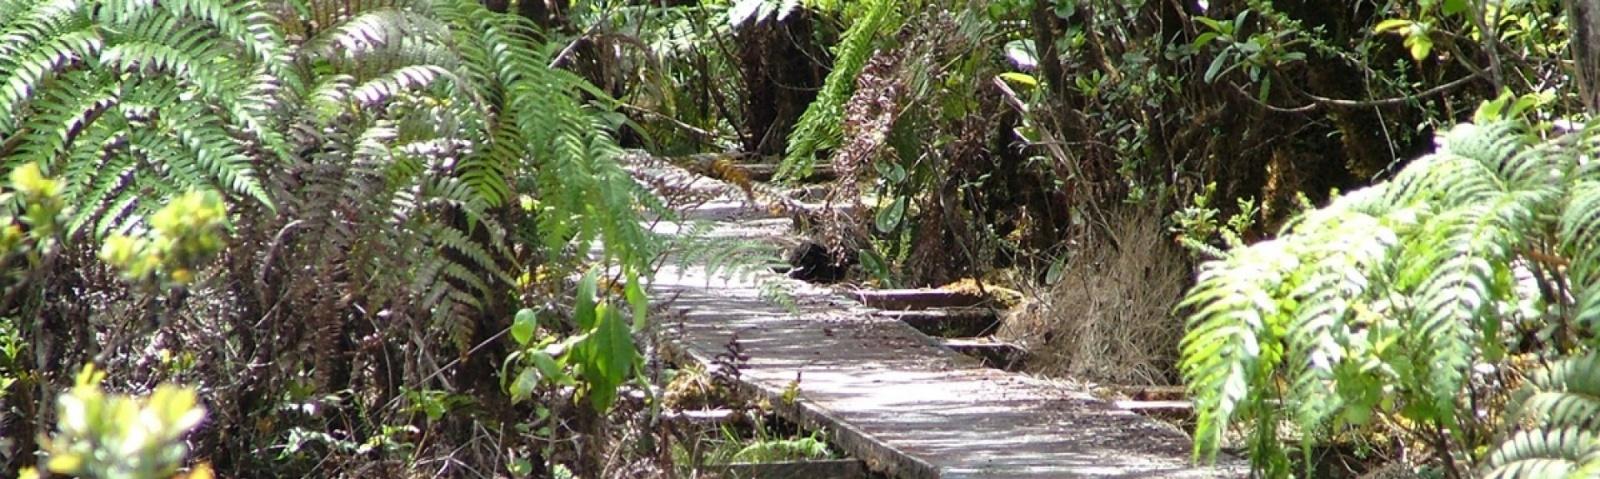 Alakai Swamp Trail | Kauai Hawaii